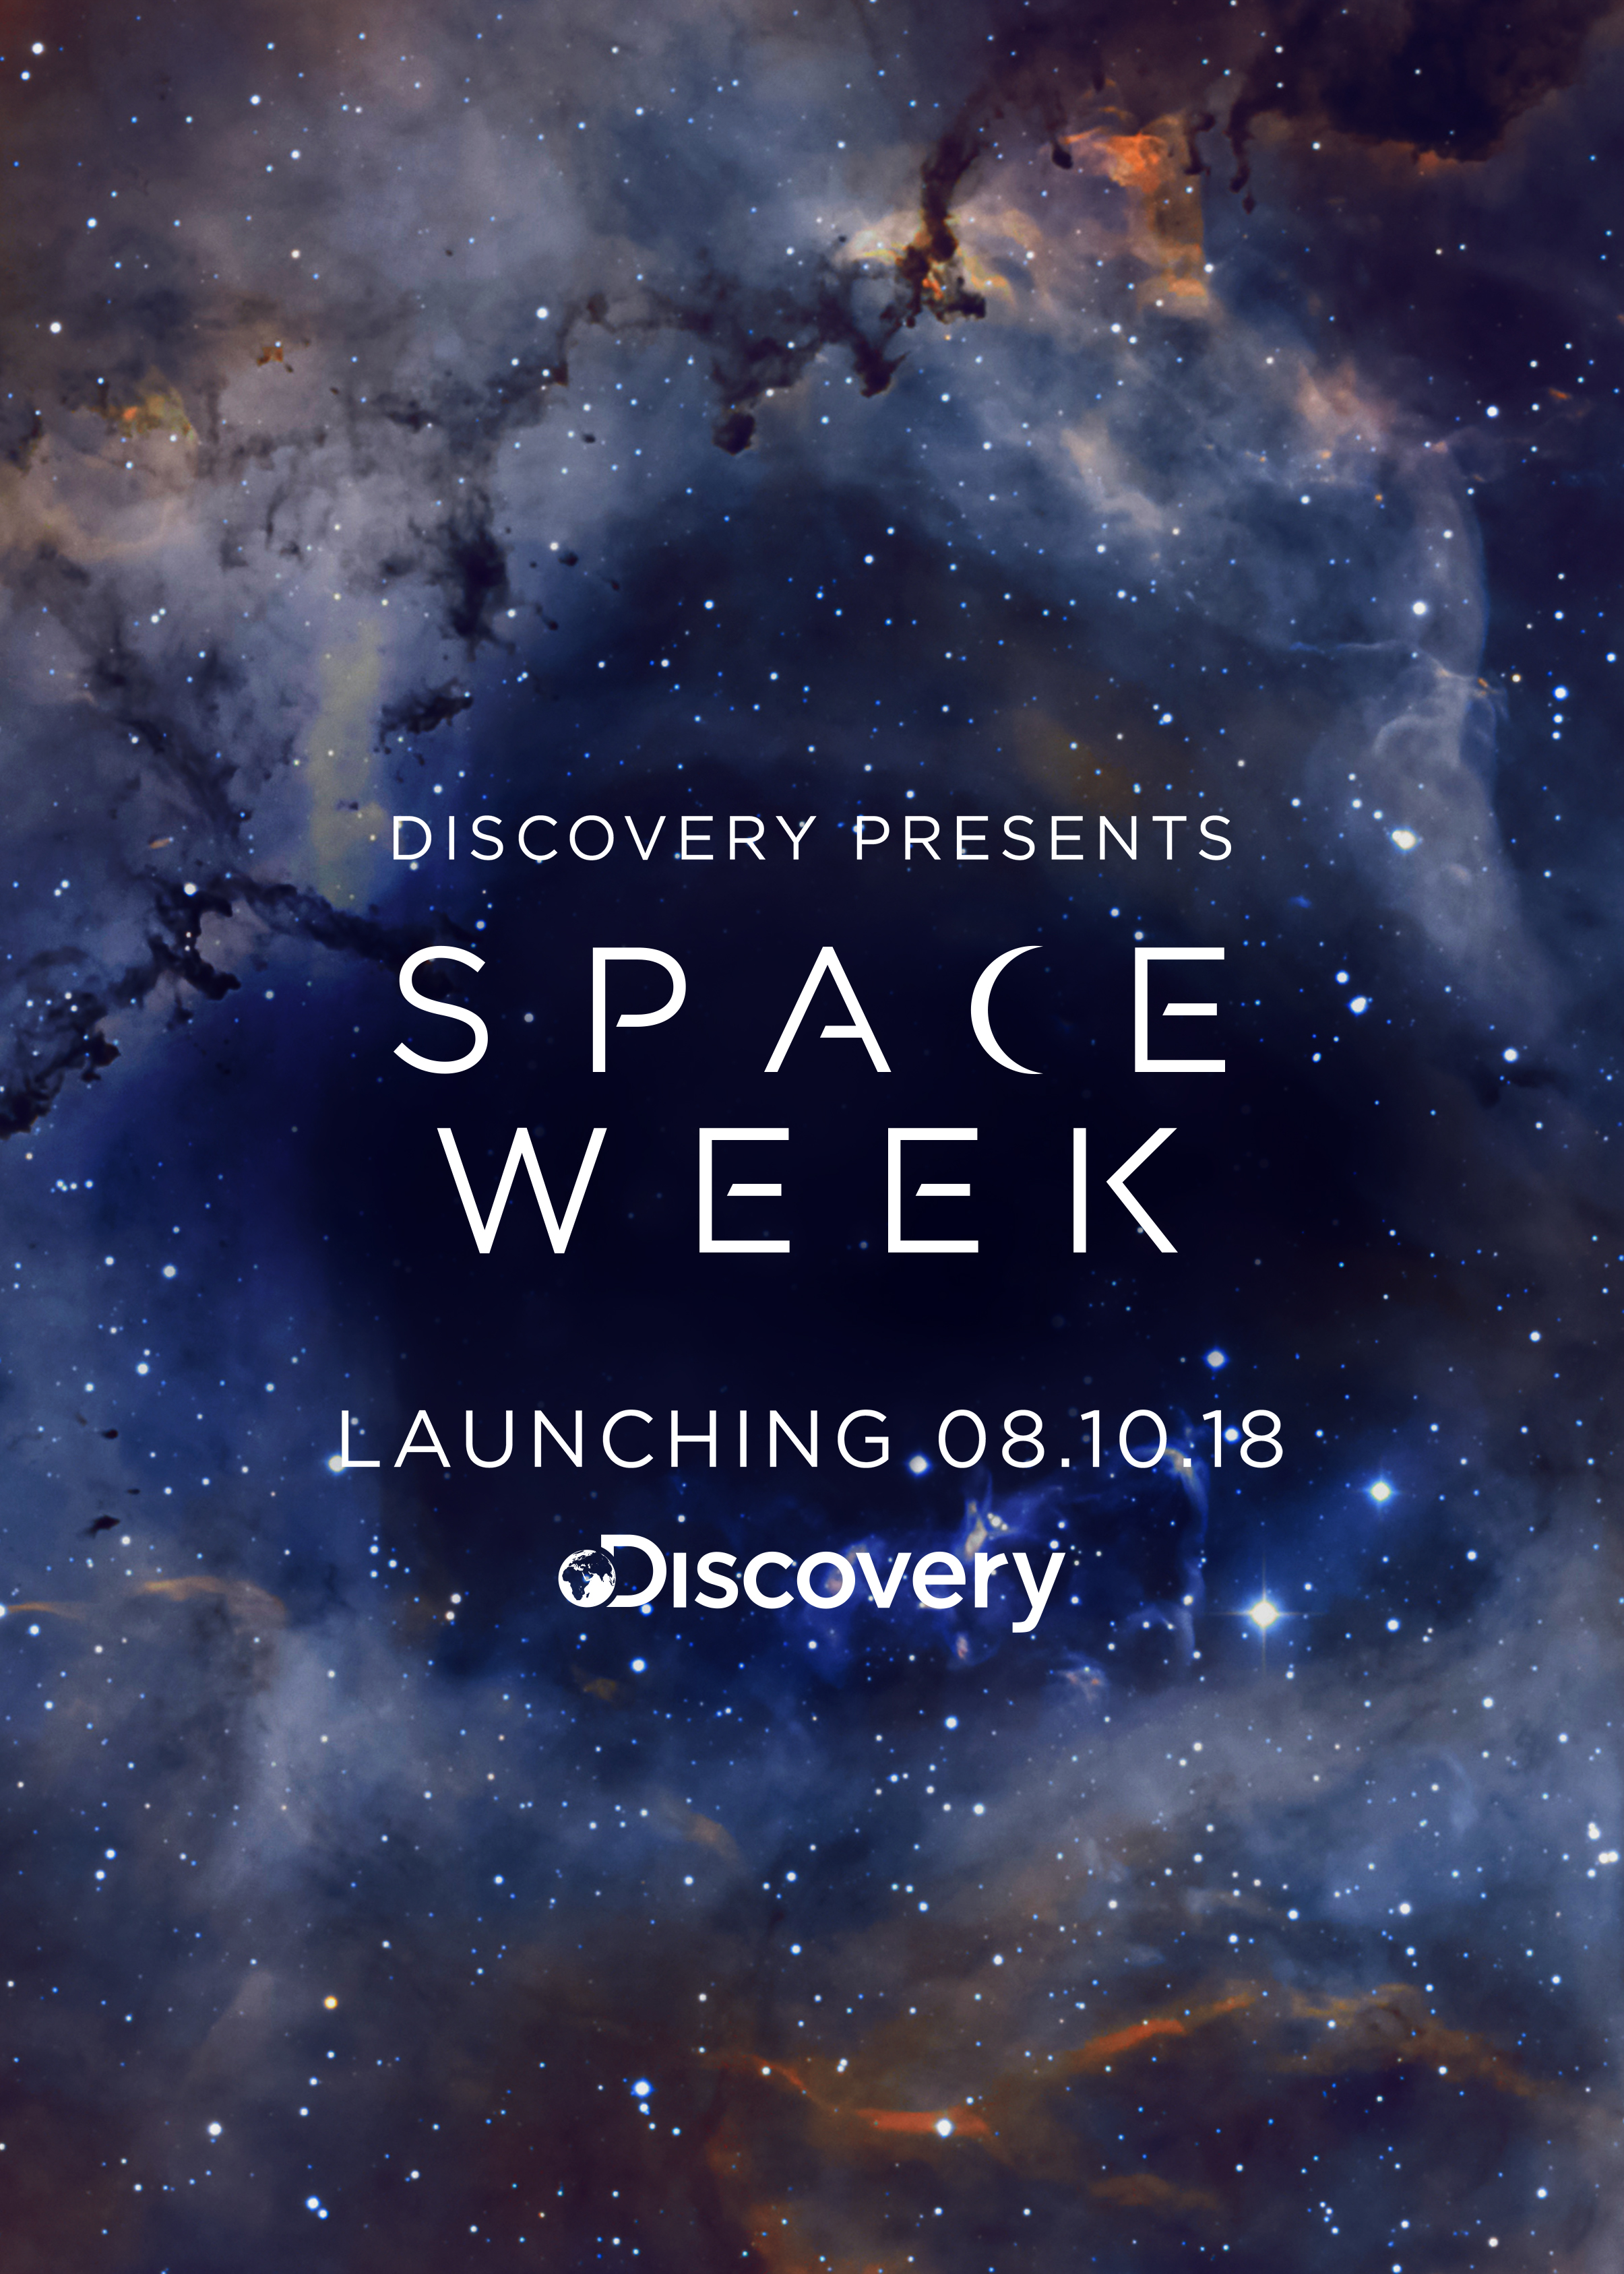 DCUK_Space Week_Key Art_5x7_Nebula 01.jpg